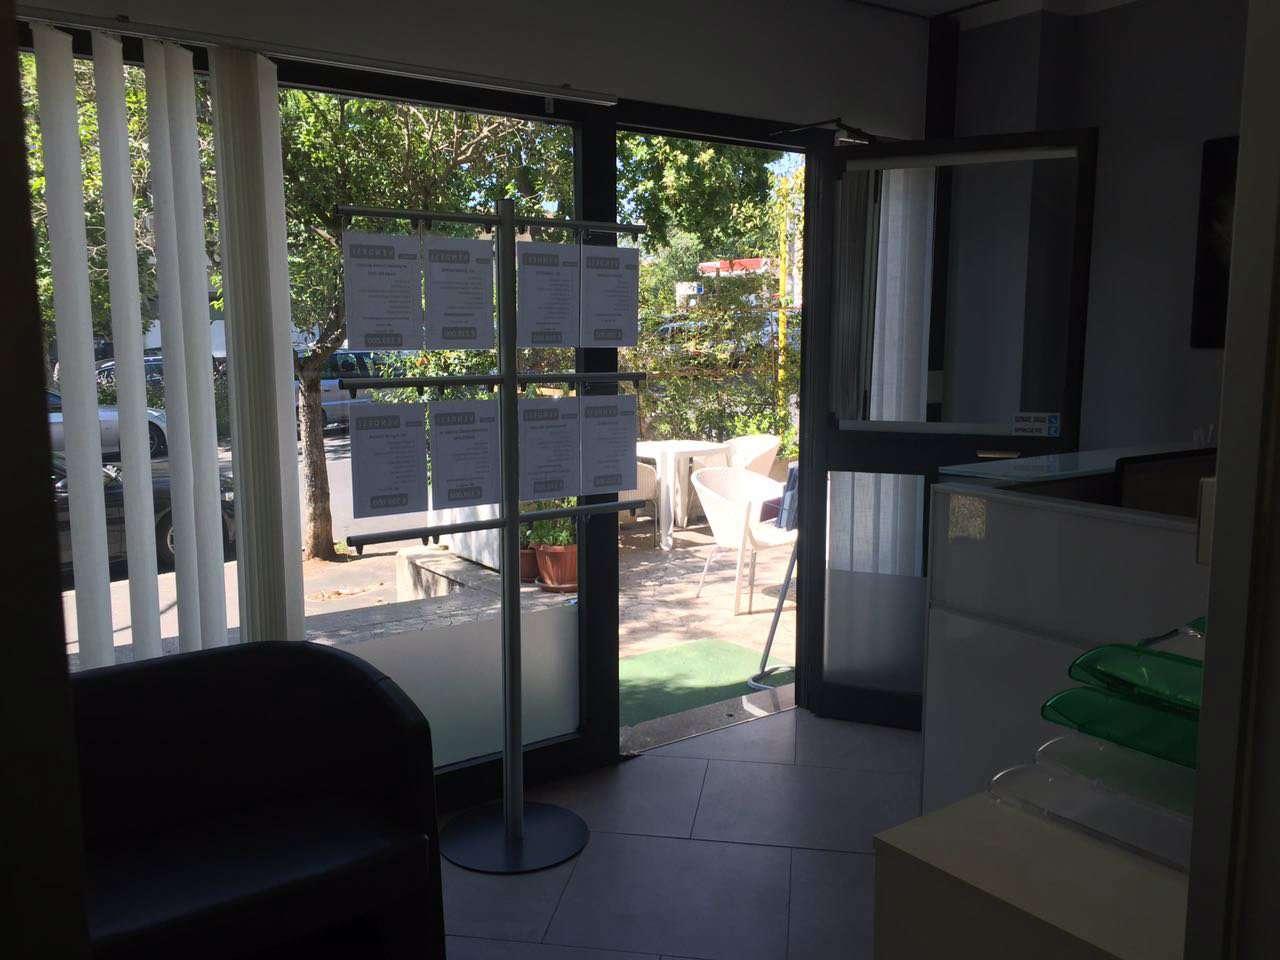 Negozio / Locale in affitto a Roma, 2 locali, zona Zona: 24 . Gianicolense - Colli Portuensi - Monteverde, prezzo € 800 | CambioCasa.it